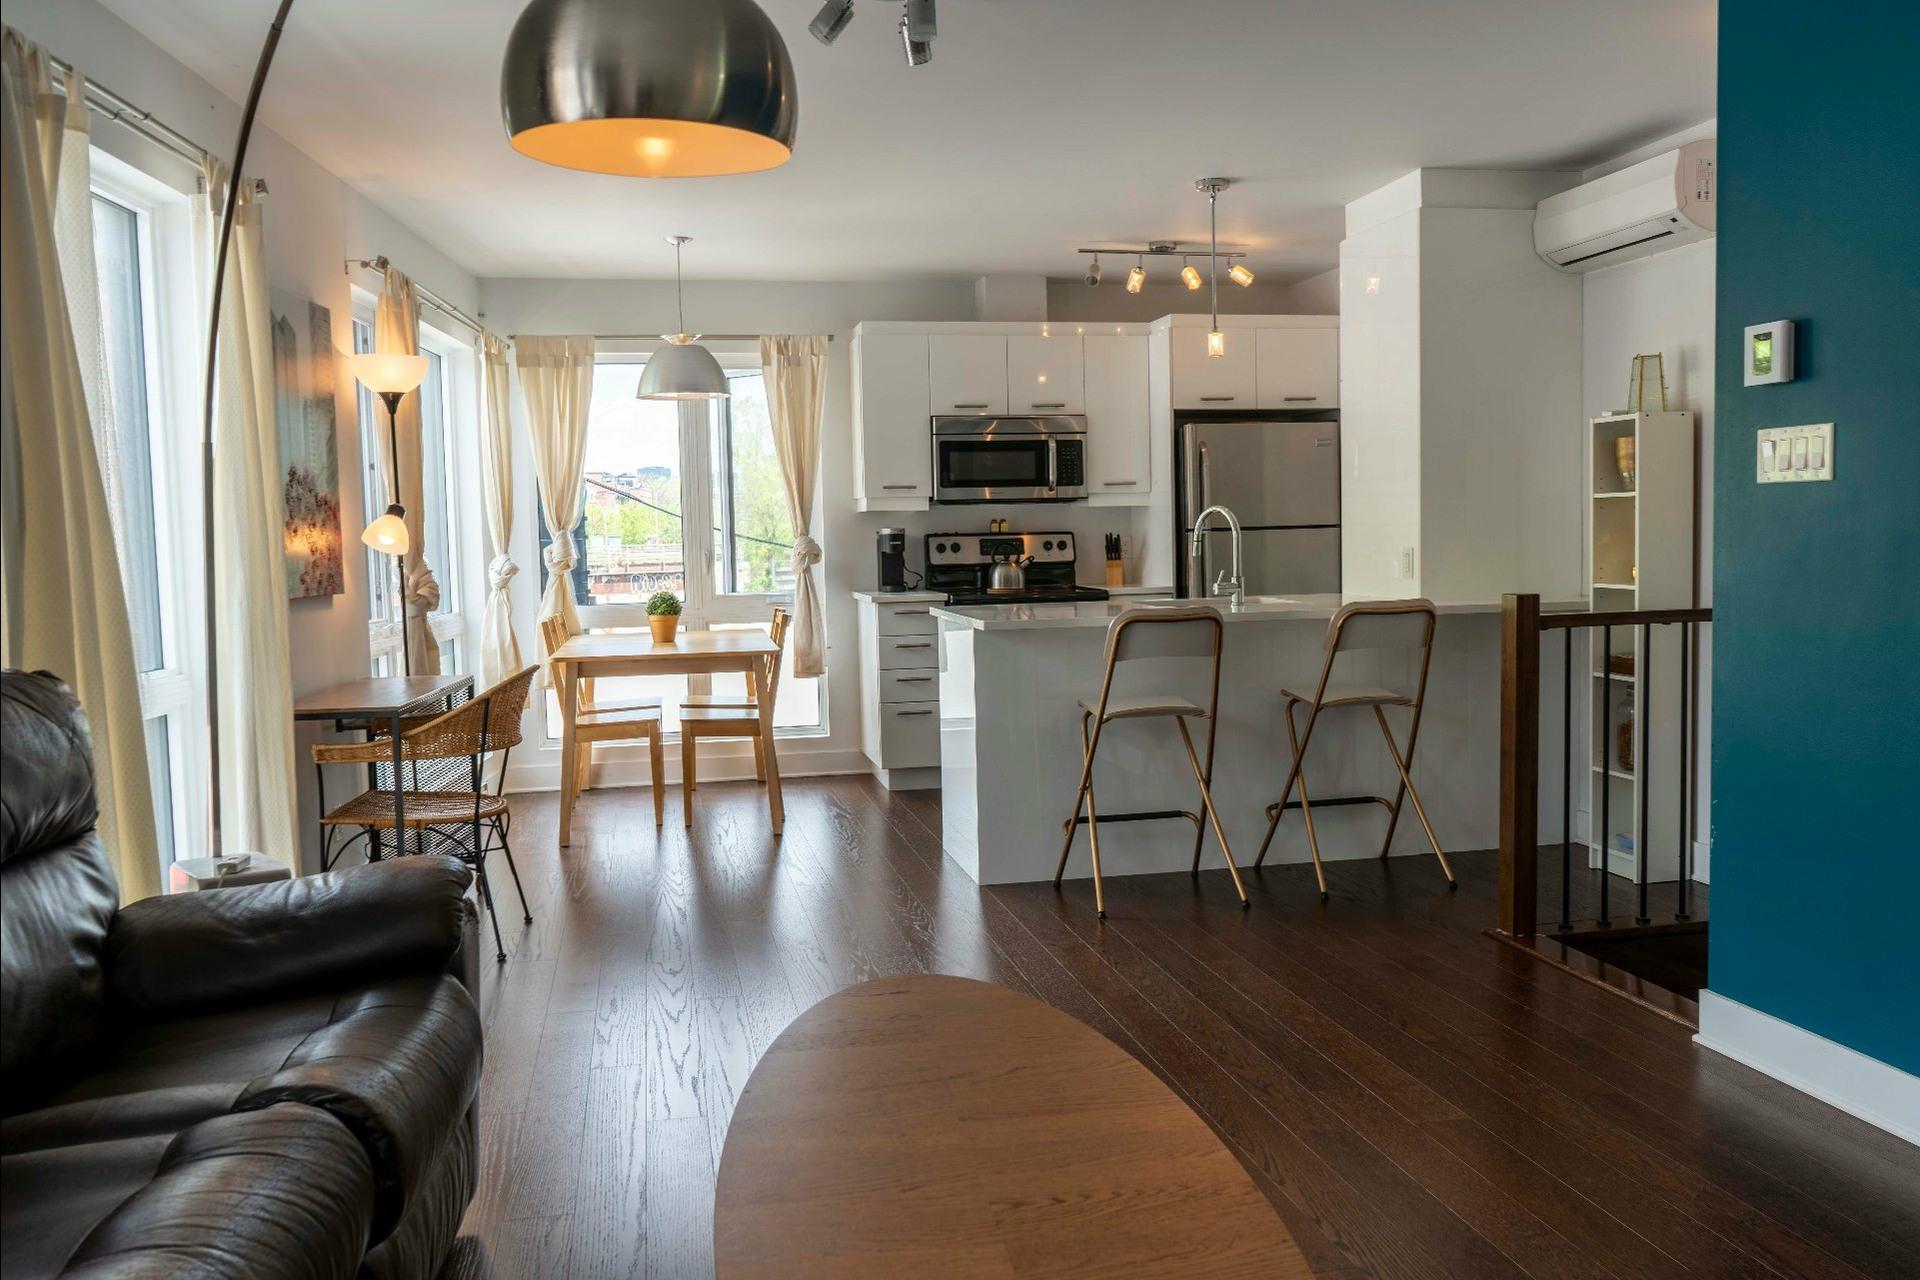 image 2 - Apartment For sale Montréal Le Sud-Ouest  - 5 rooms